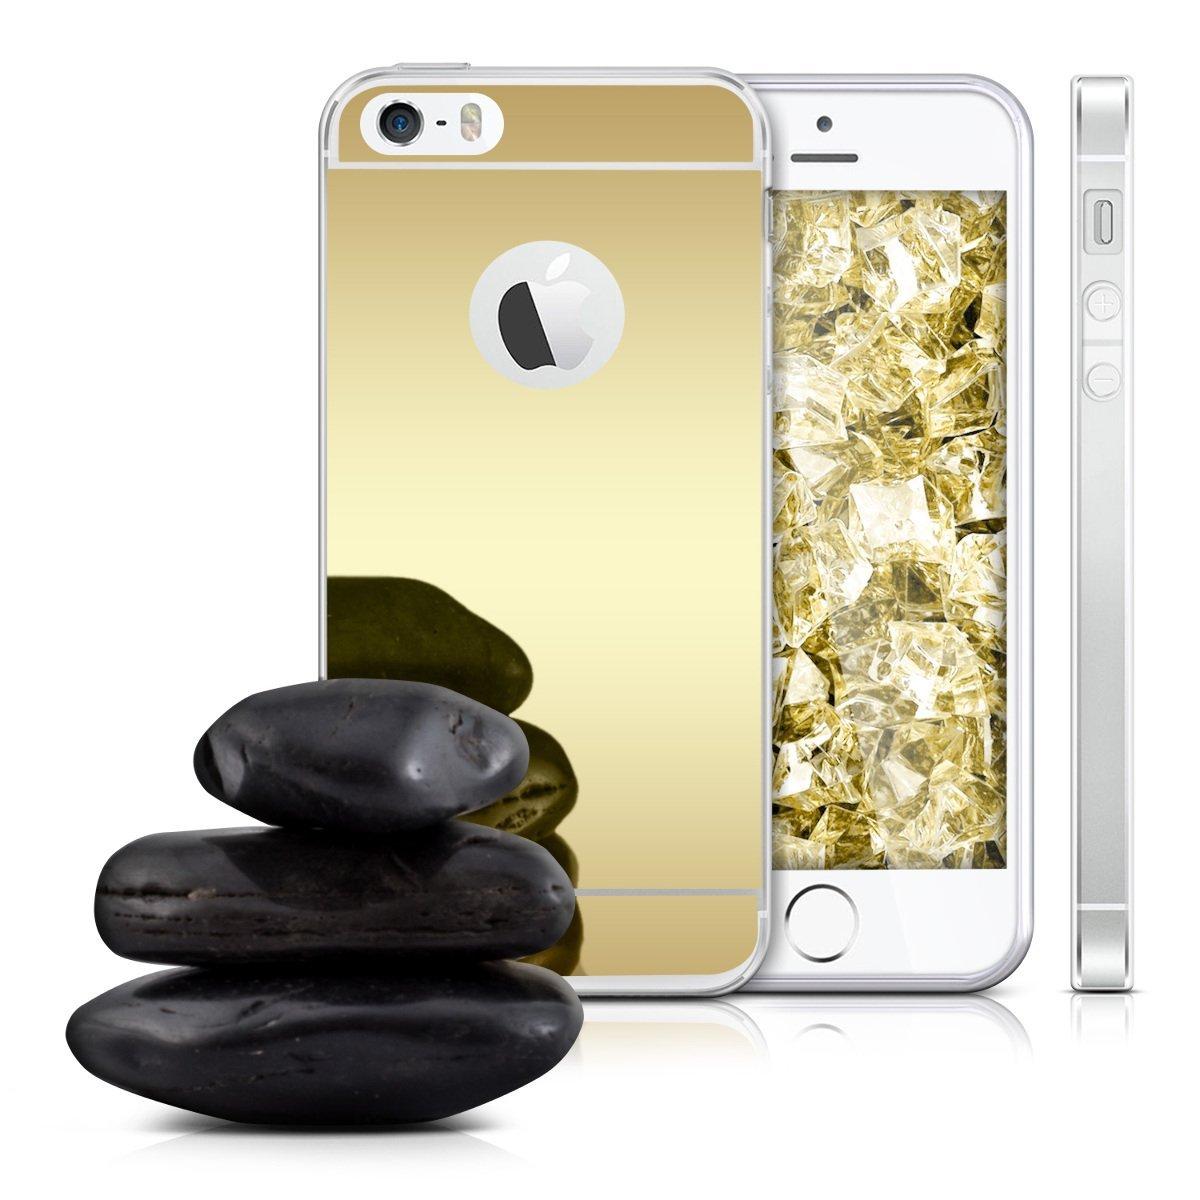 Pouzdro SES Silikonový zrcadlový Apple iPhone 5 5S SE - zlatý